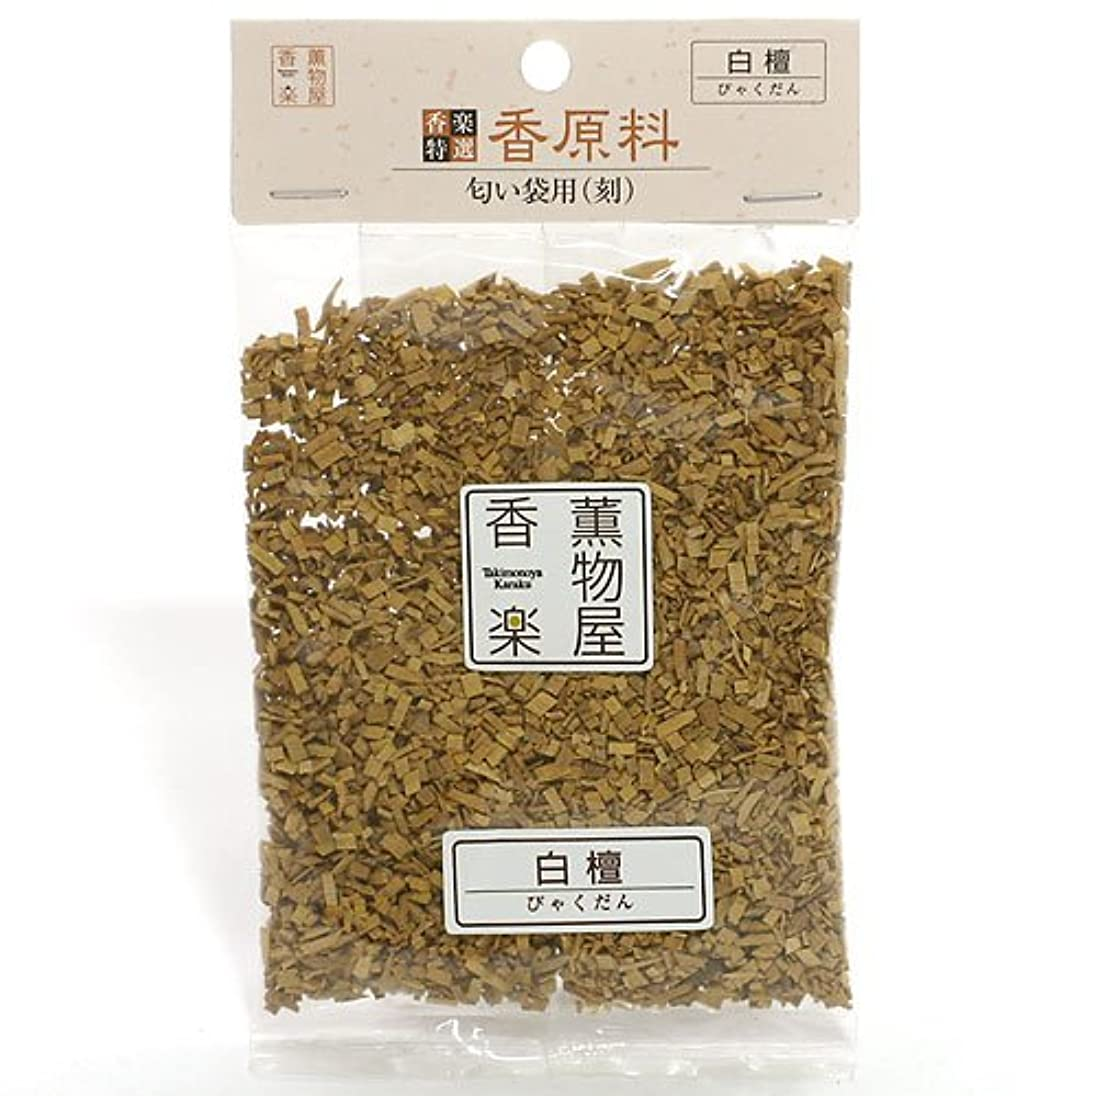 タイムリーなリマークラケット天然香原料?刻白檀(びゃくだん)